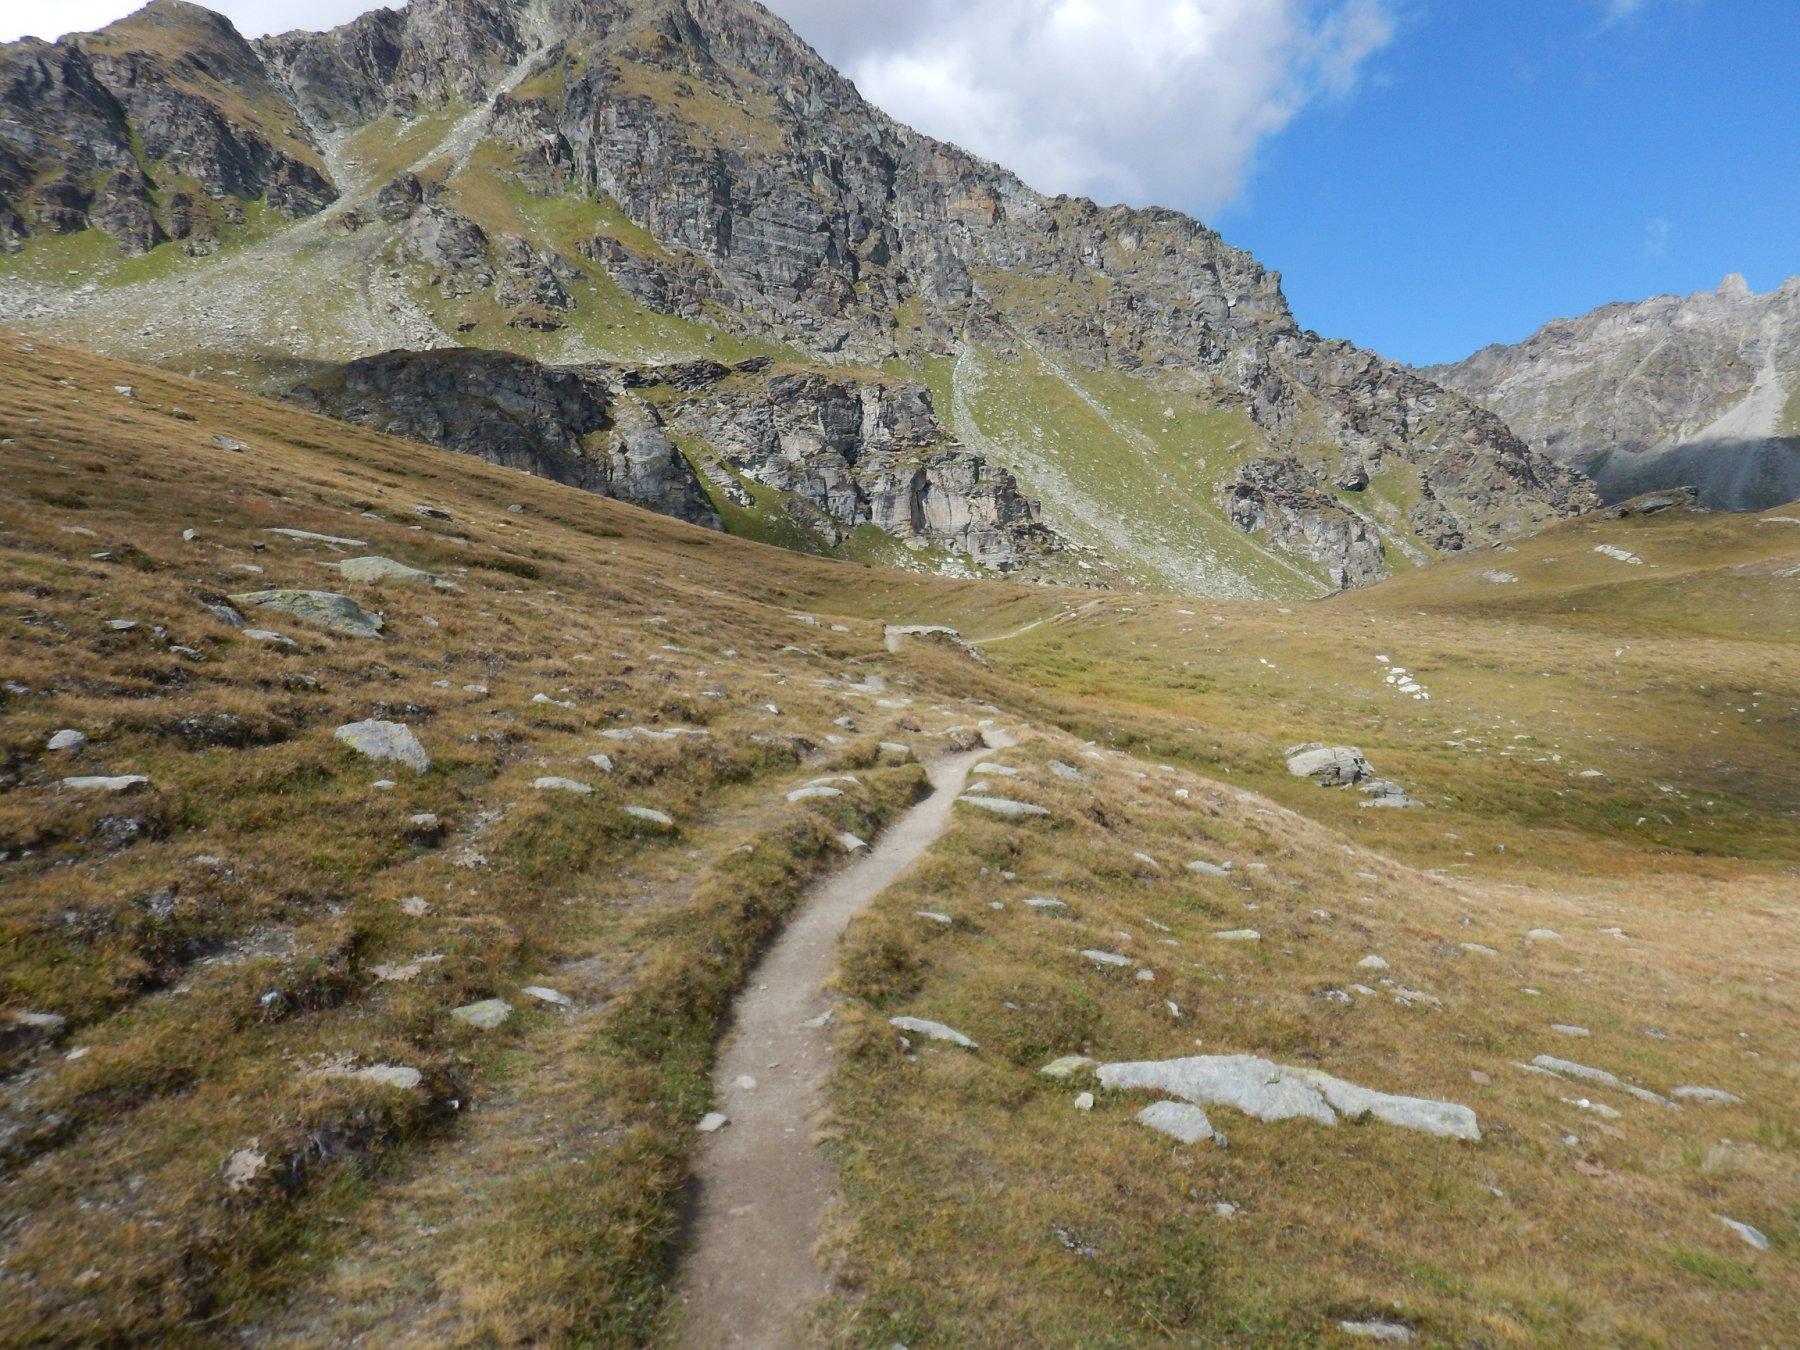 il sentiero dopo il colle Salvè prima di arrivare al bivio per il col Chaleby